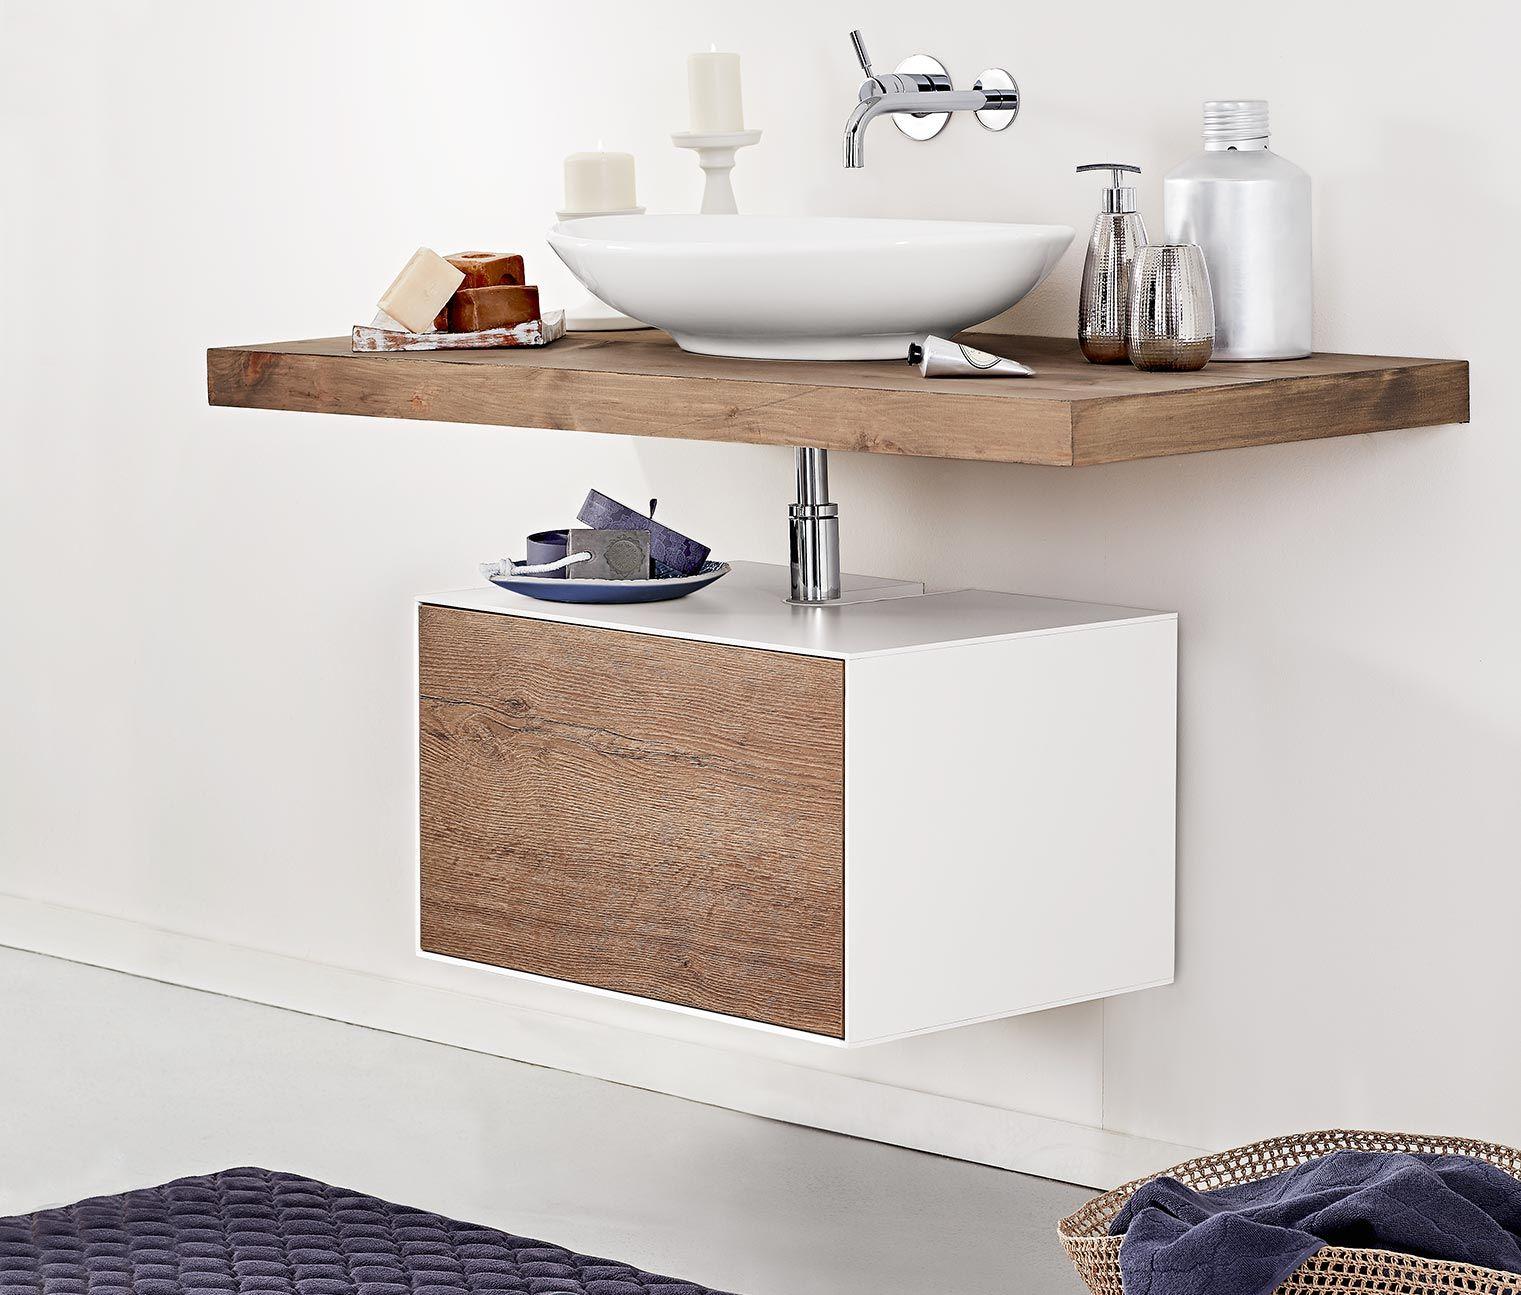 Waschbeckenunterschrank Online Bestellen Bei Tchibo 333849 Waschbeckenunterschrank Schminkschrank Schrank